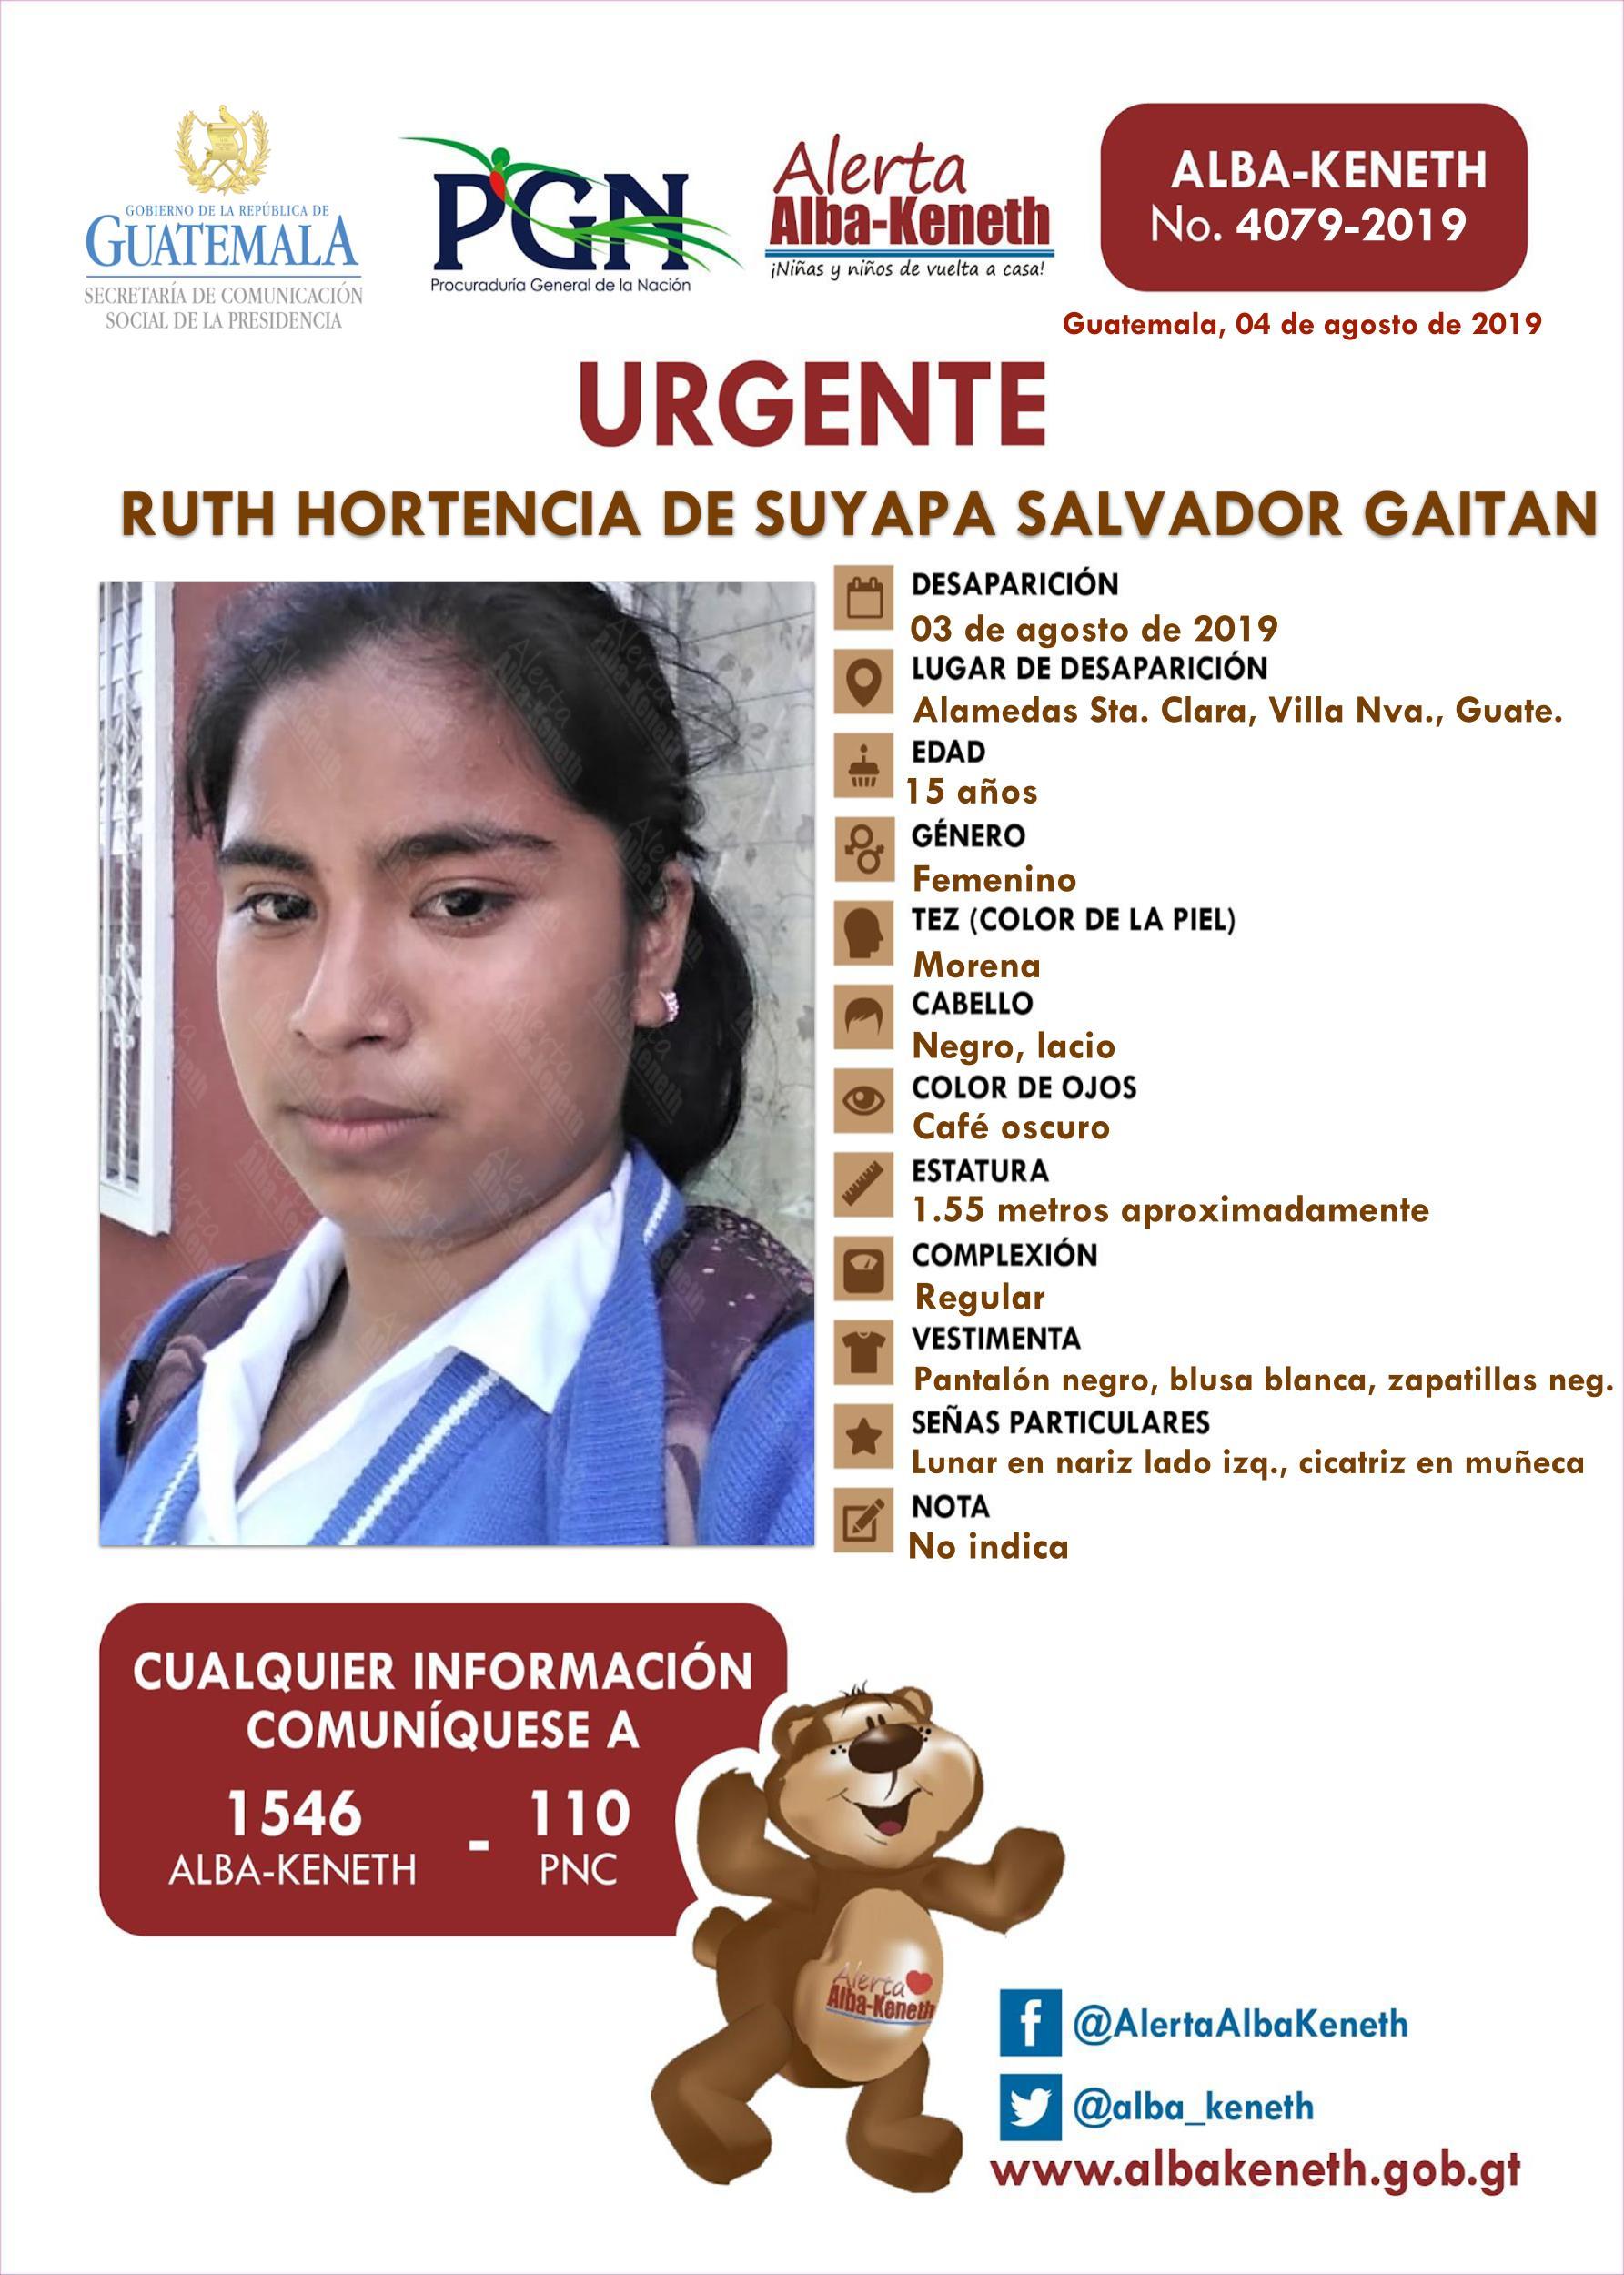 Ruth Hortencia de Suyapa Salvador Gaitan